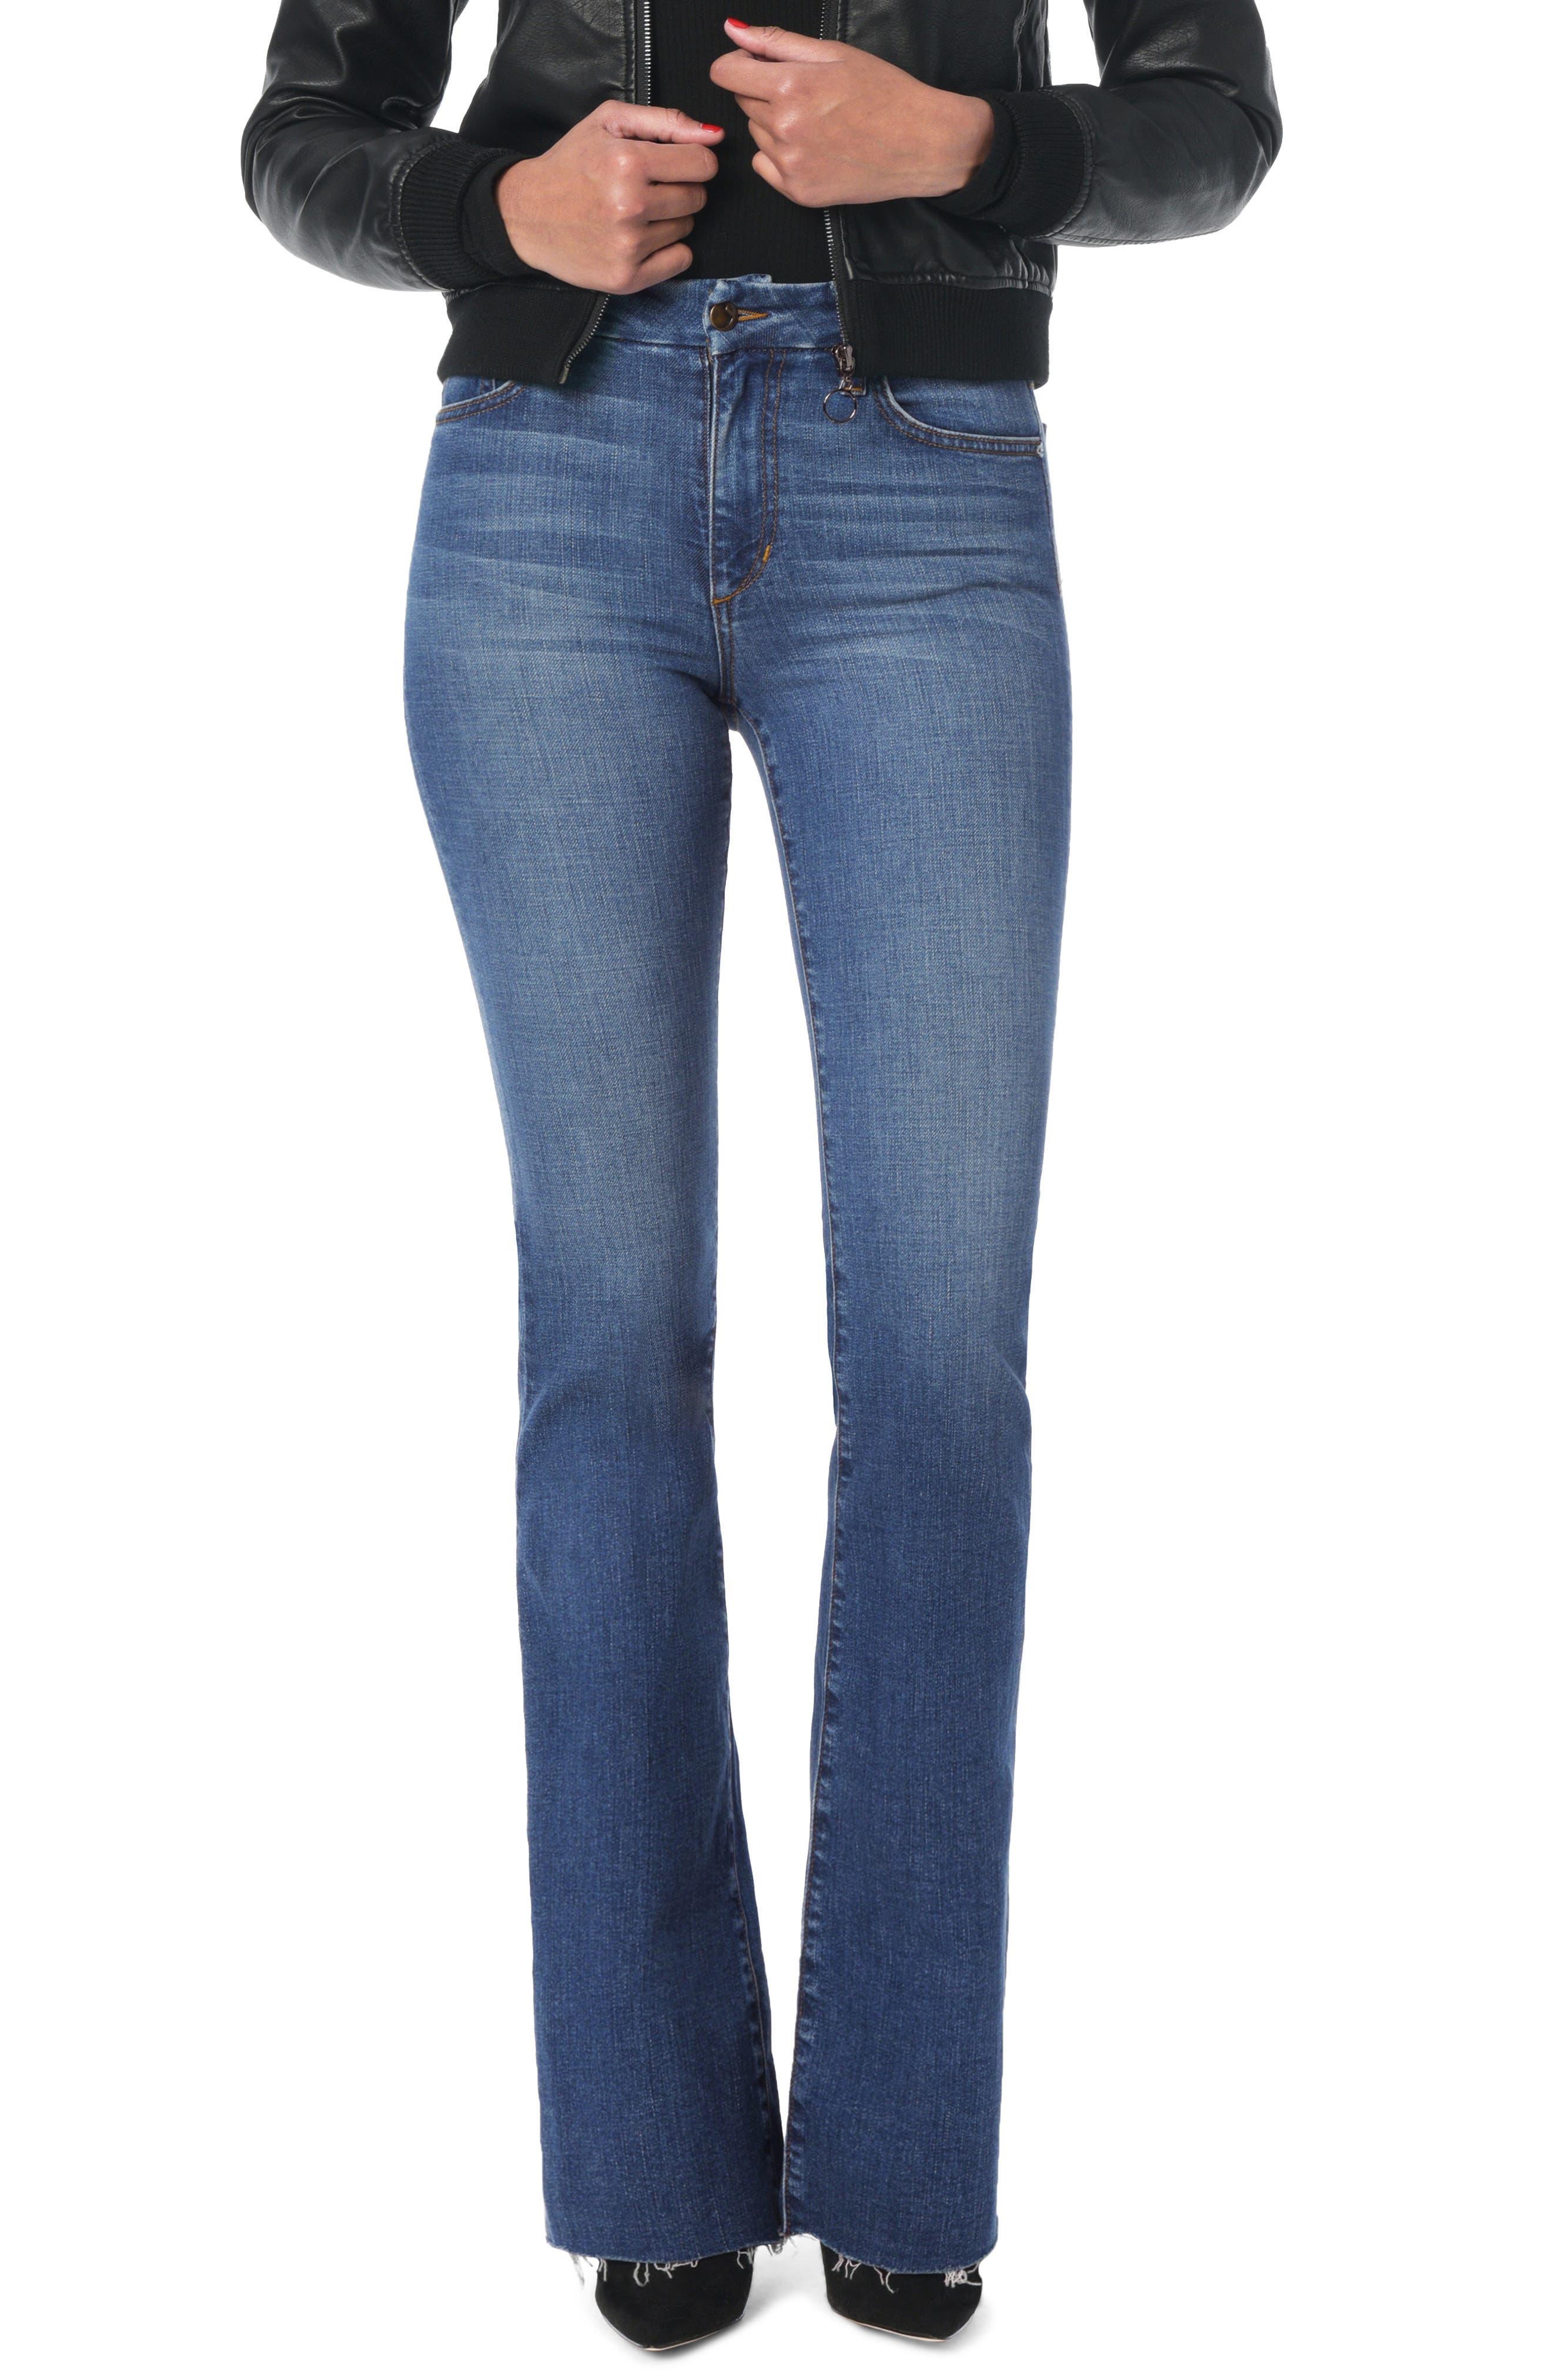 JOE'S Joe's Hi Rise Honey Curvy Bootcut Jeans, Main, color, KAHLO